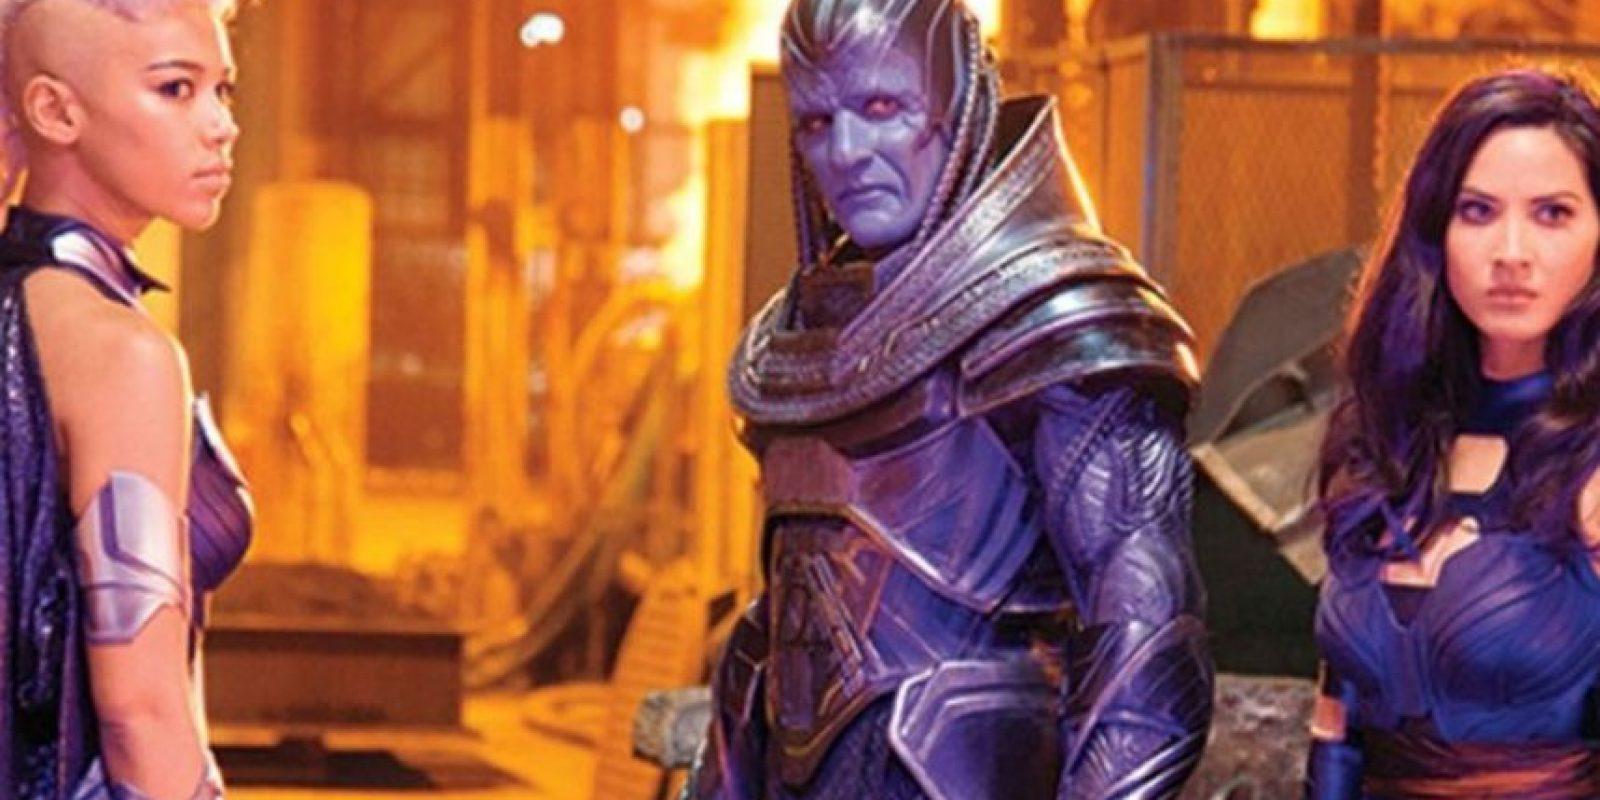 """La séptima parte de la saga estará acompañada de los primeros minutos de """"X-Men: Apocalypse"""" Foto:Instagram/bryanjaysinger"""